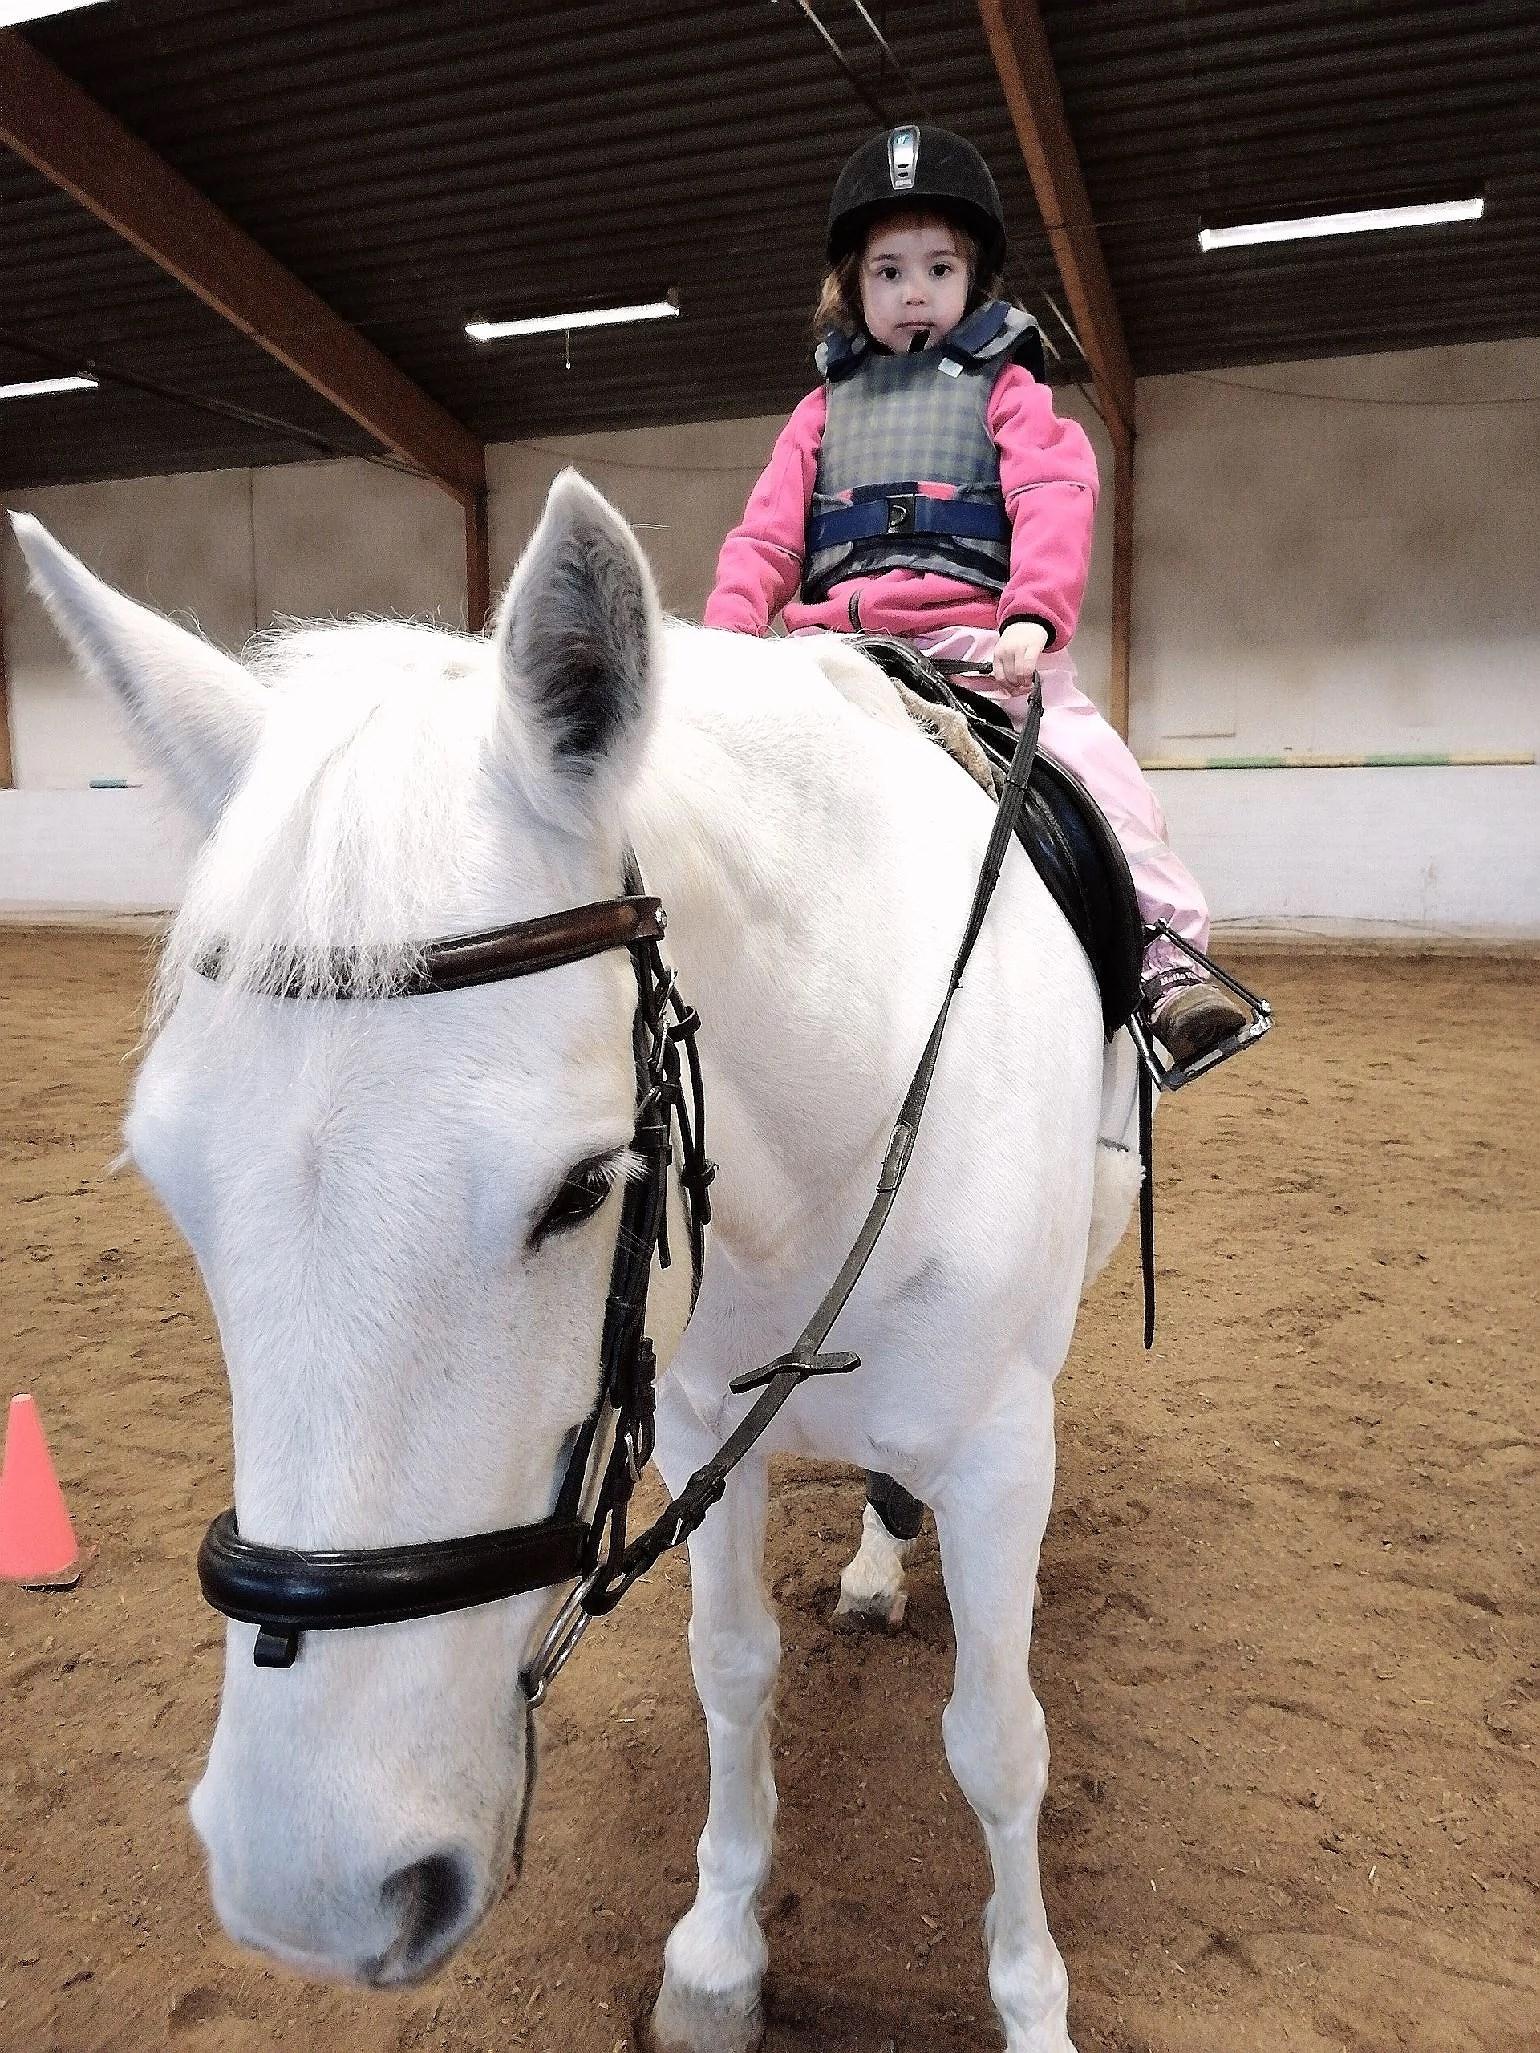 Lilla stall tjejen!